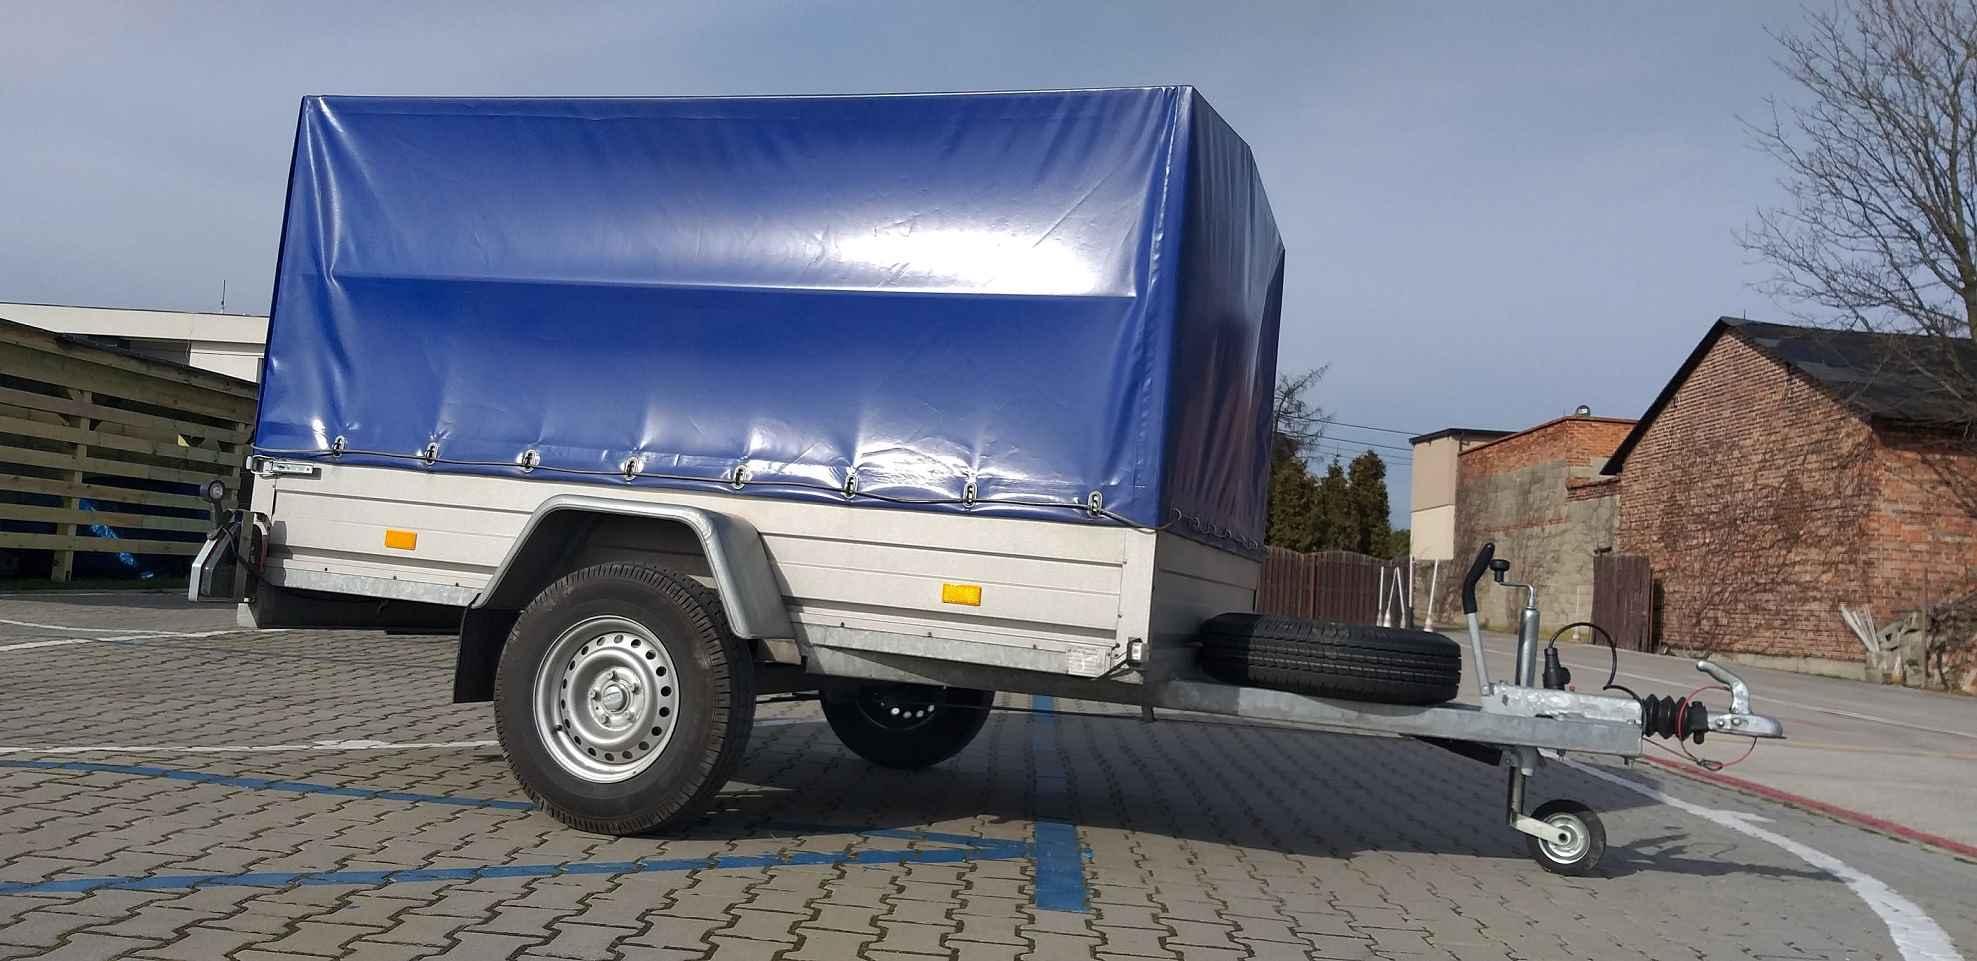 Transport towarowy Kalisz, wynajem przyczep, wypożyczalnia przyczep Kalisz - zdjęcie 2